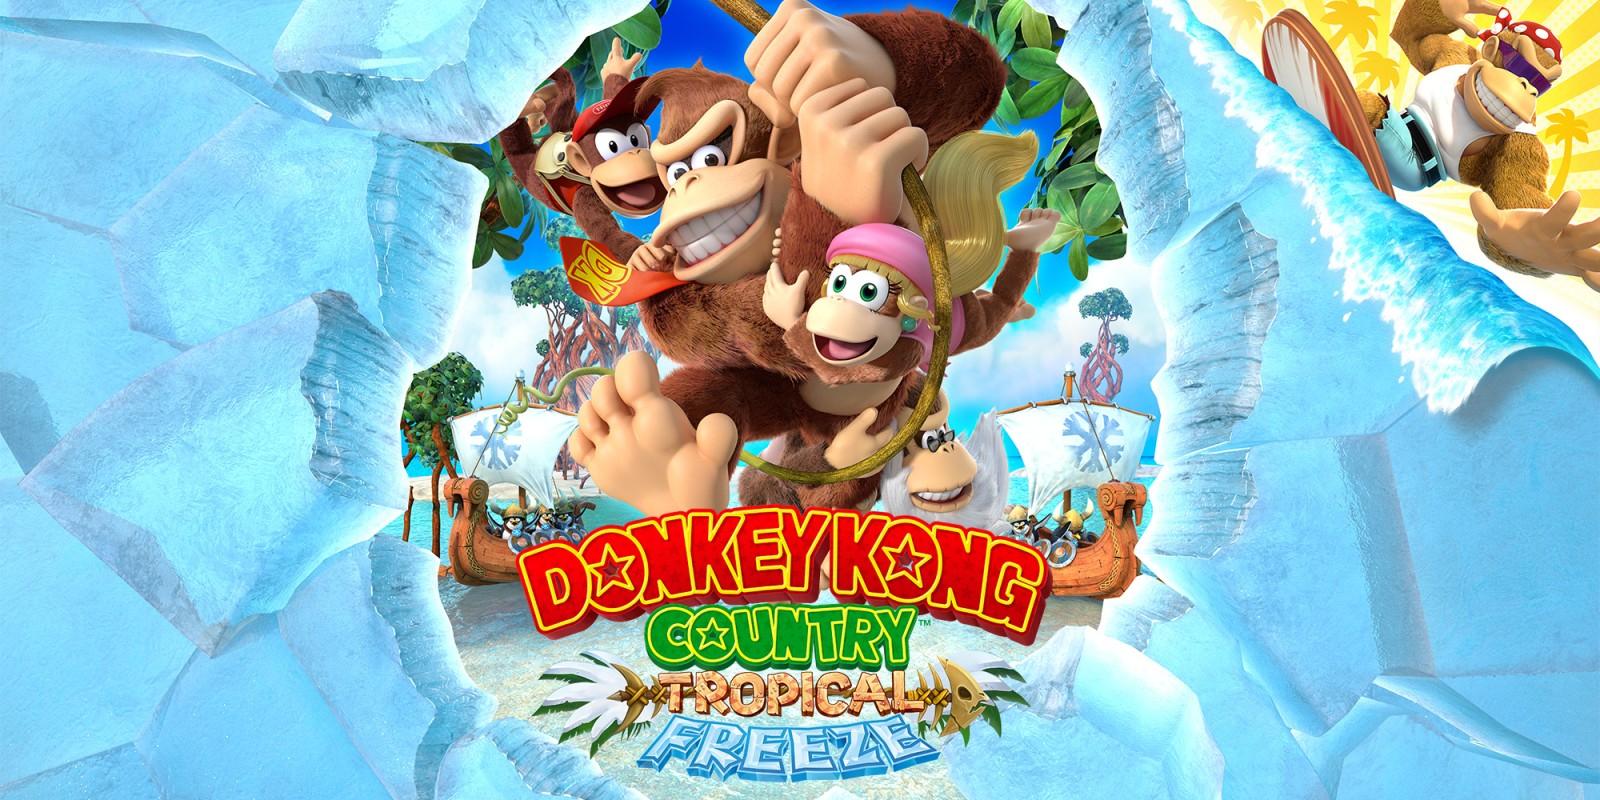 Donkey Kong Country Tropical Freeze voor switch voor €39,99 bij eShop